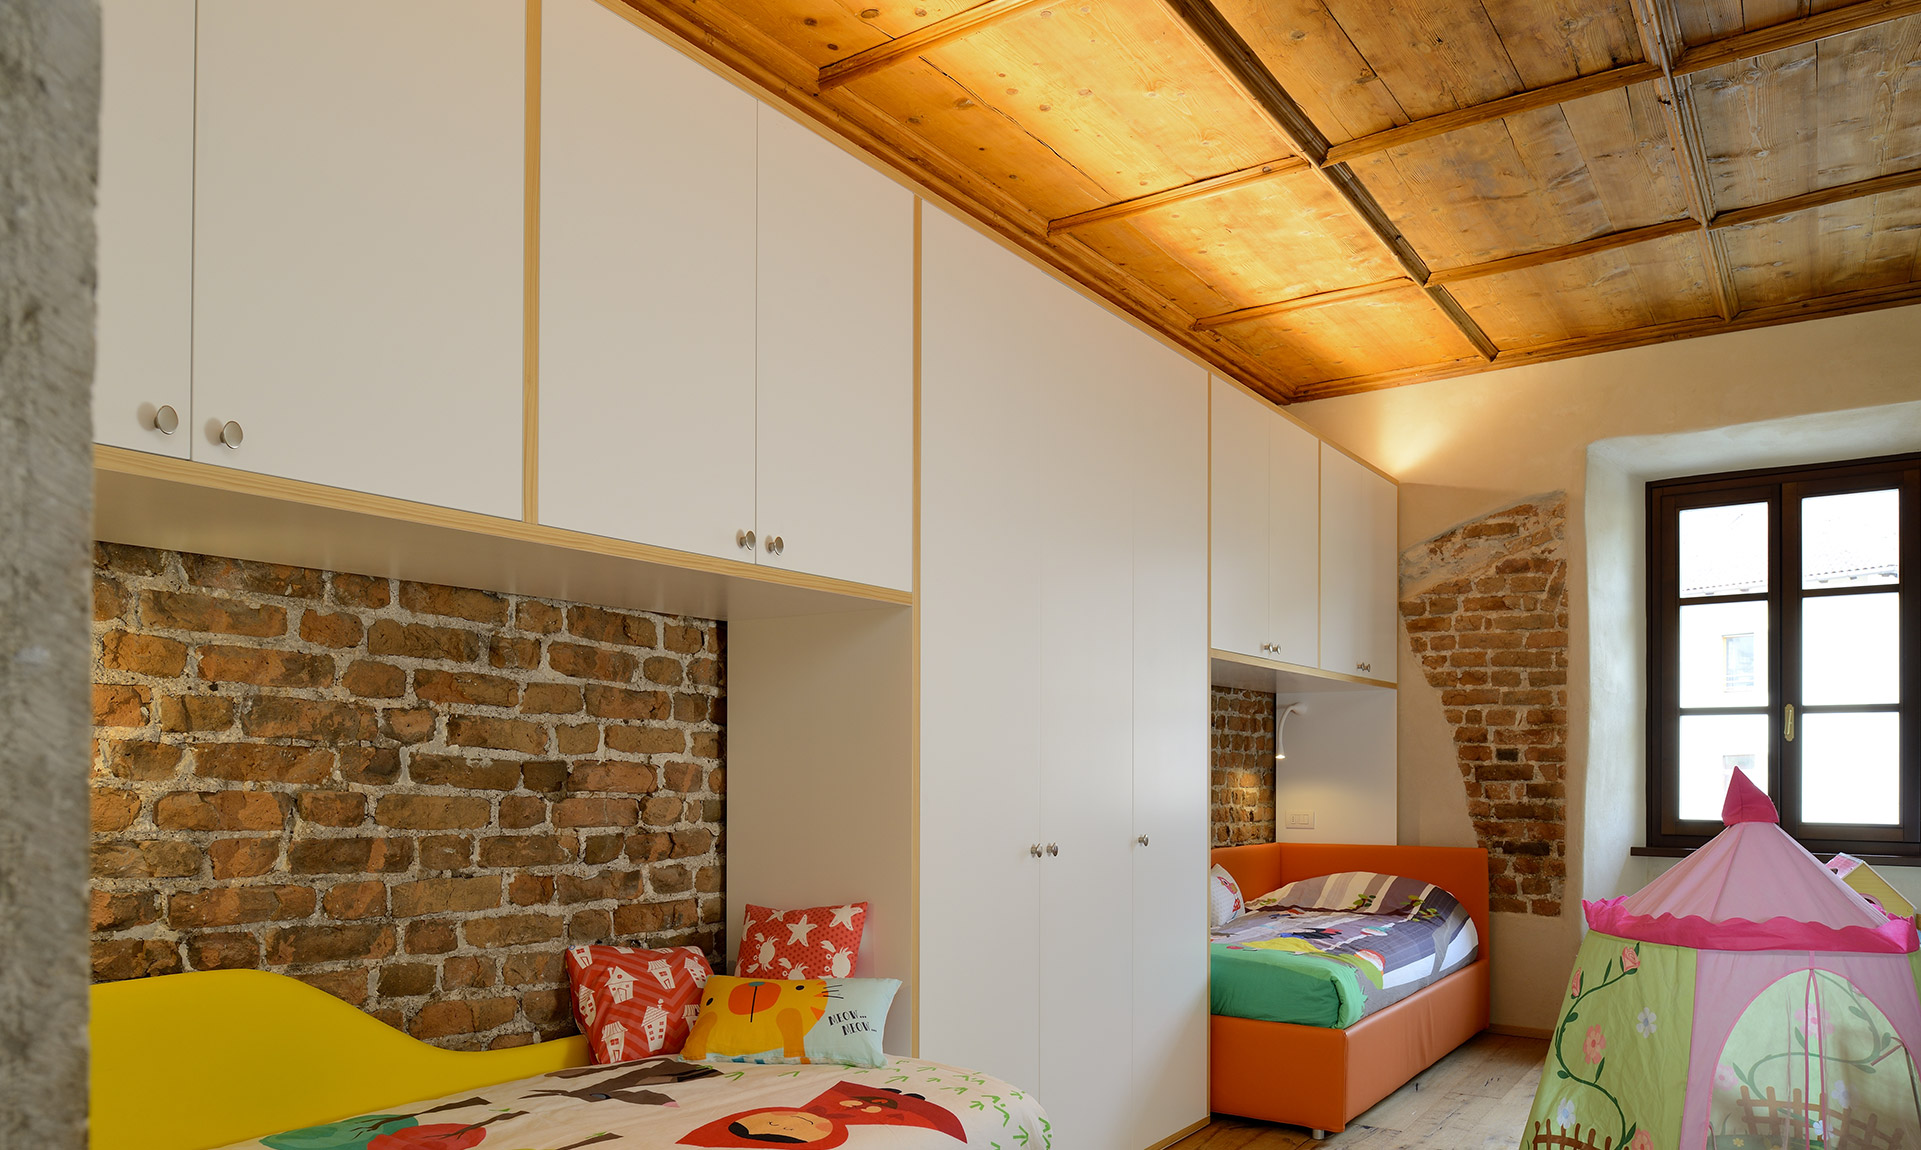 Camera bambini con mobile in legno Corazzolla Arredamenti